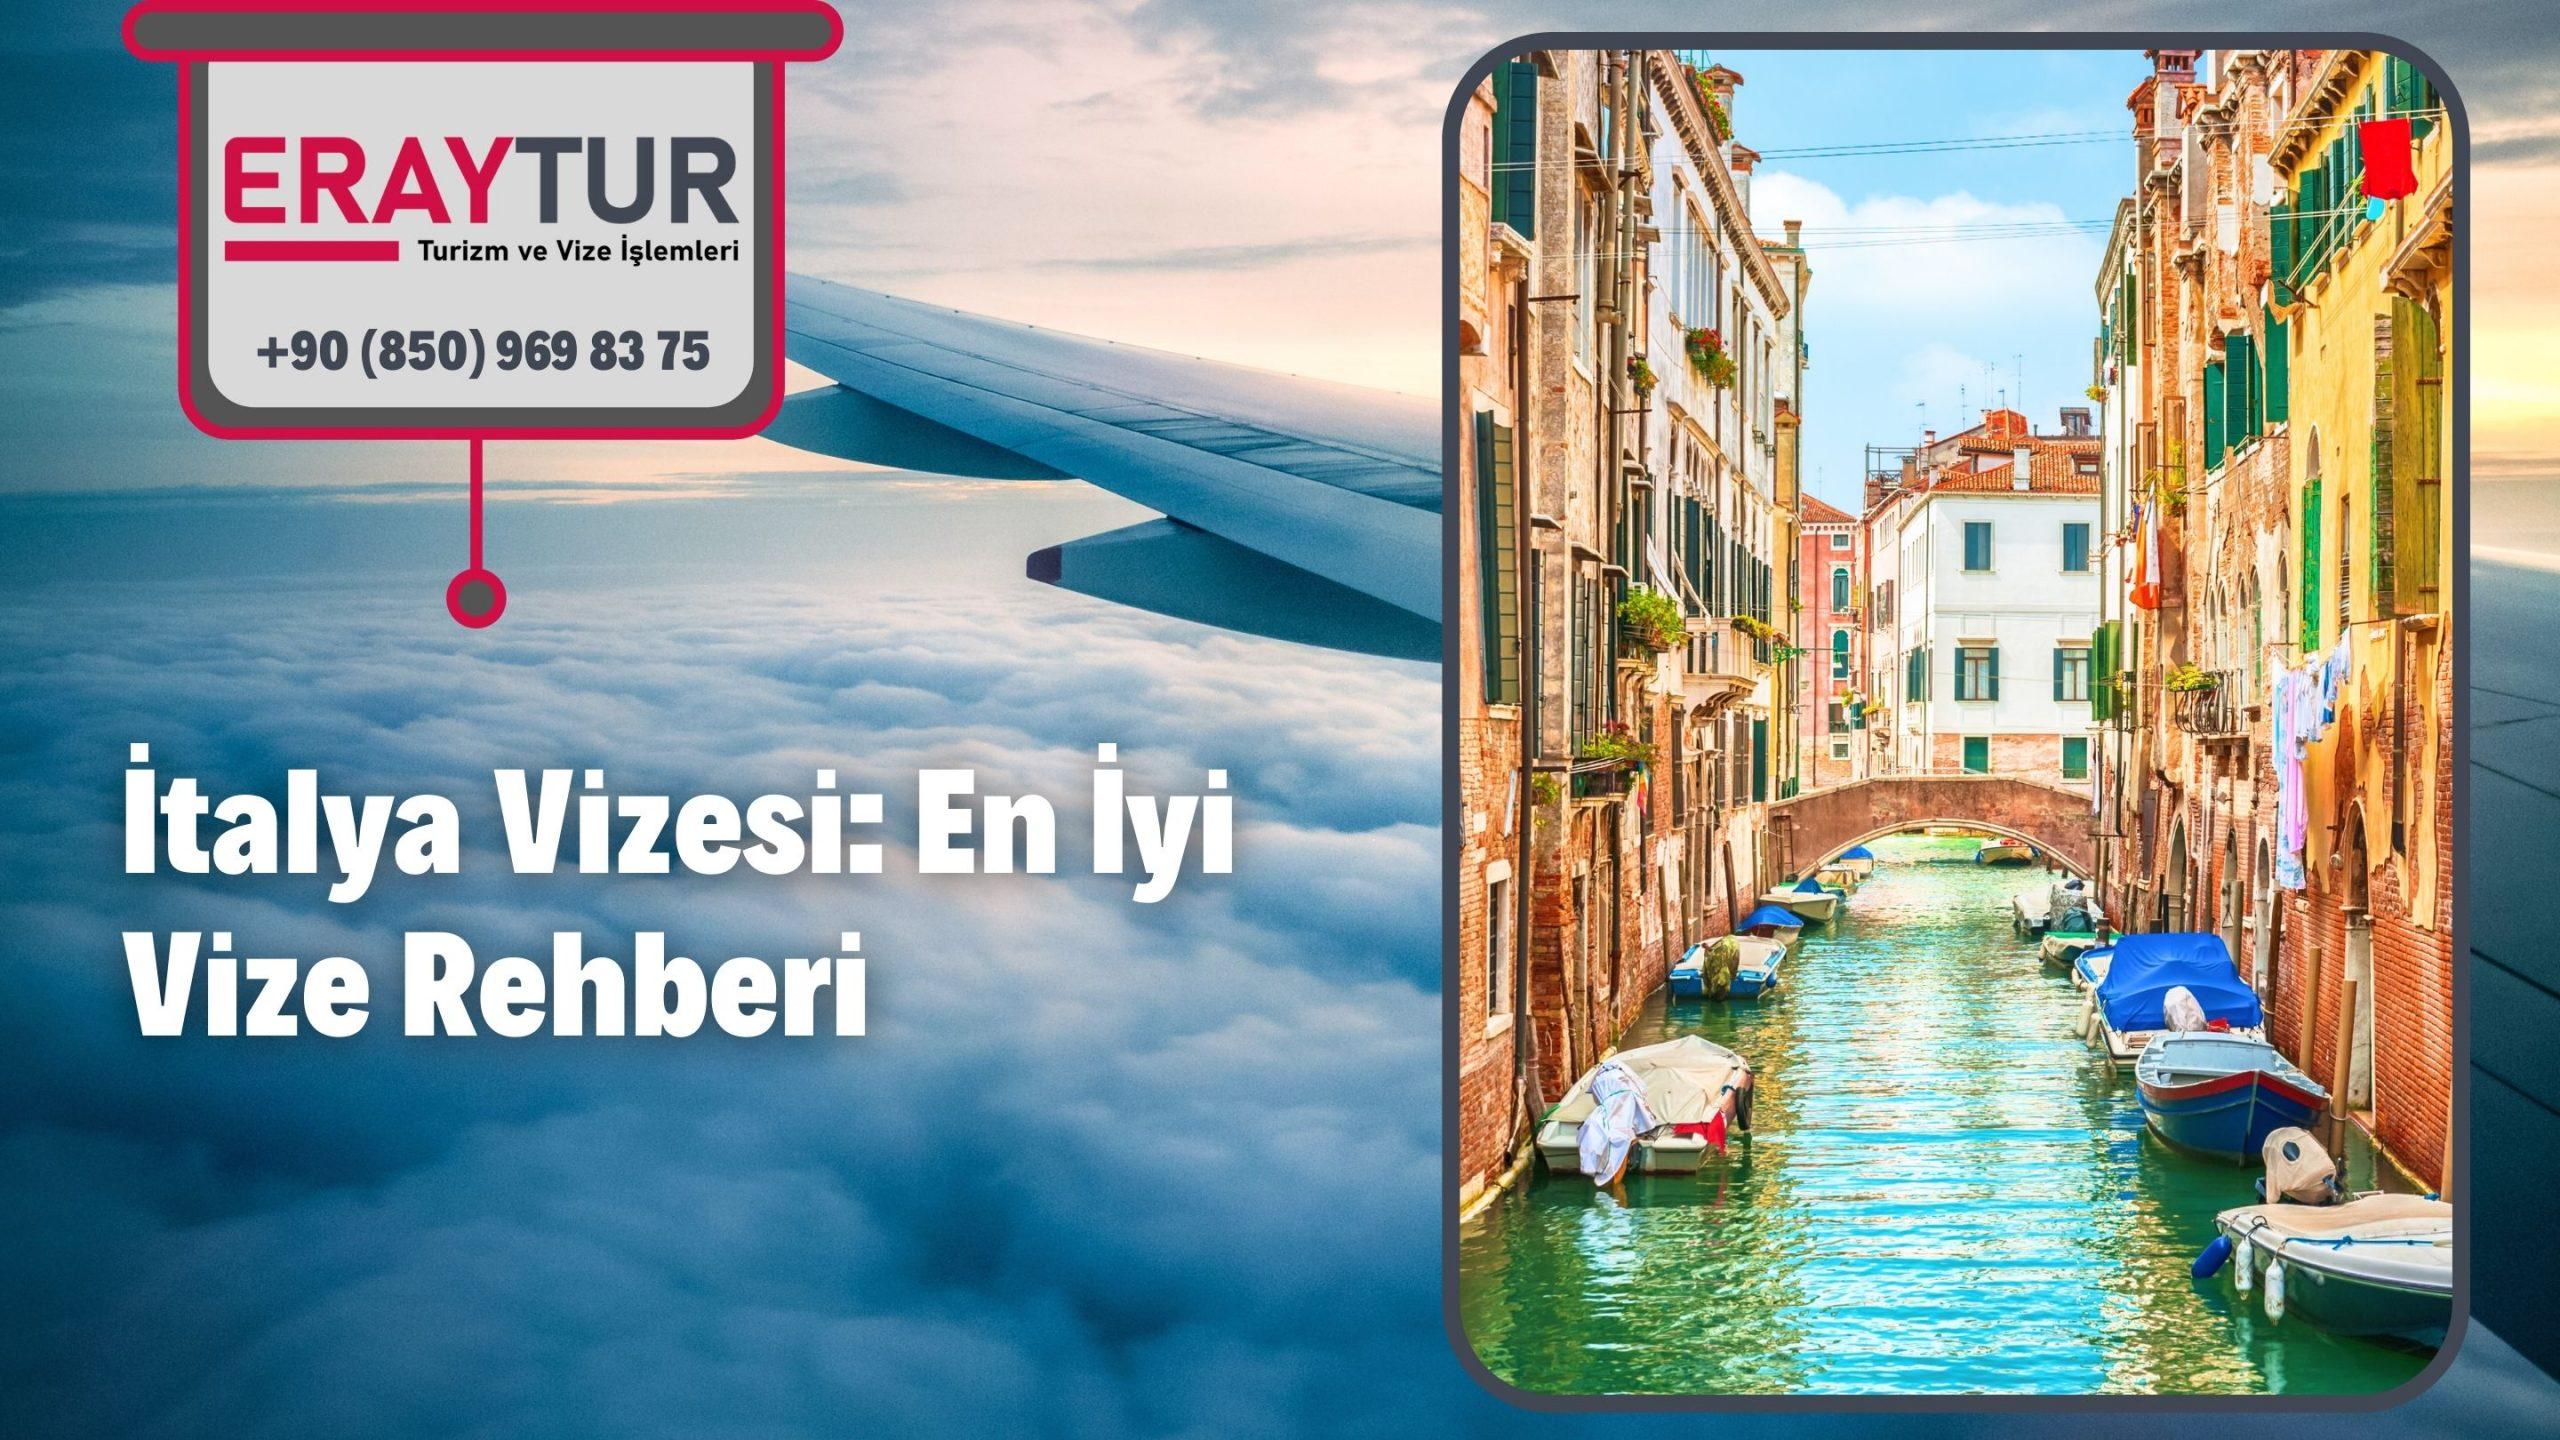 İtalya Vizesi: En İyi Vize Rehberi 2021